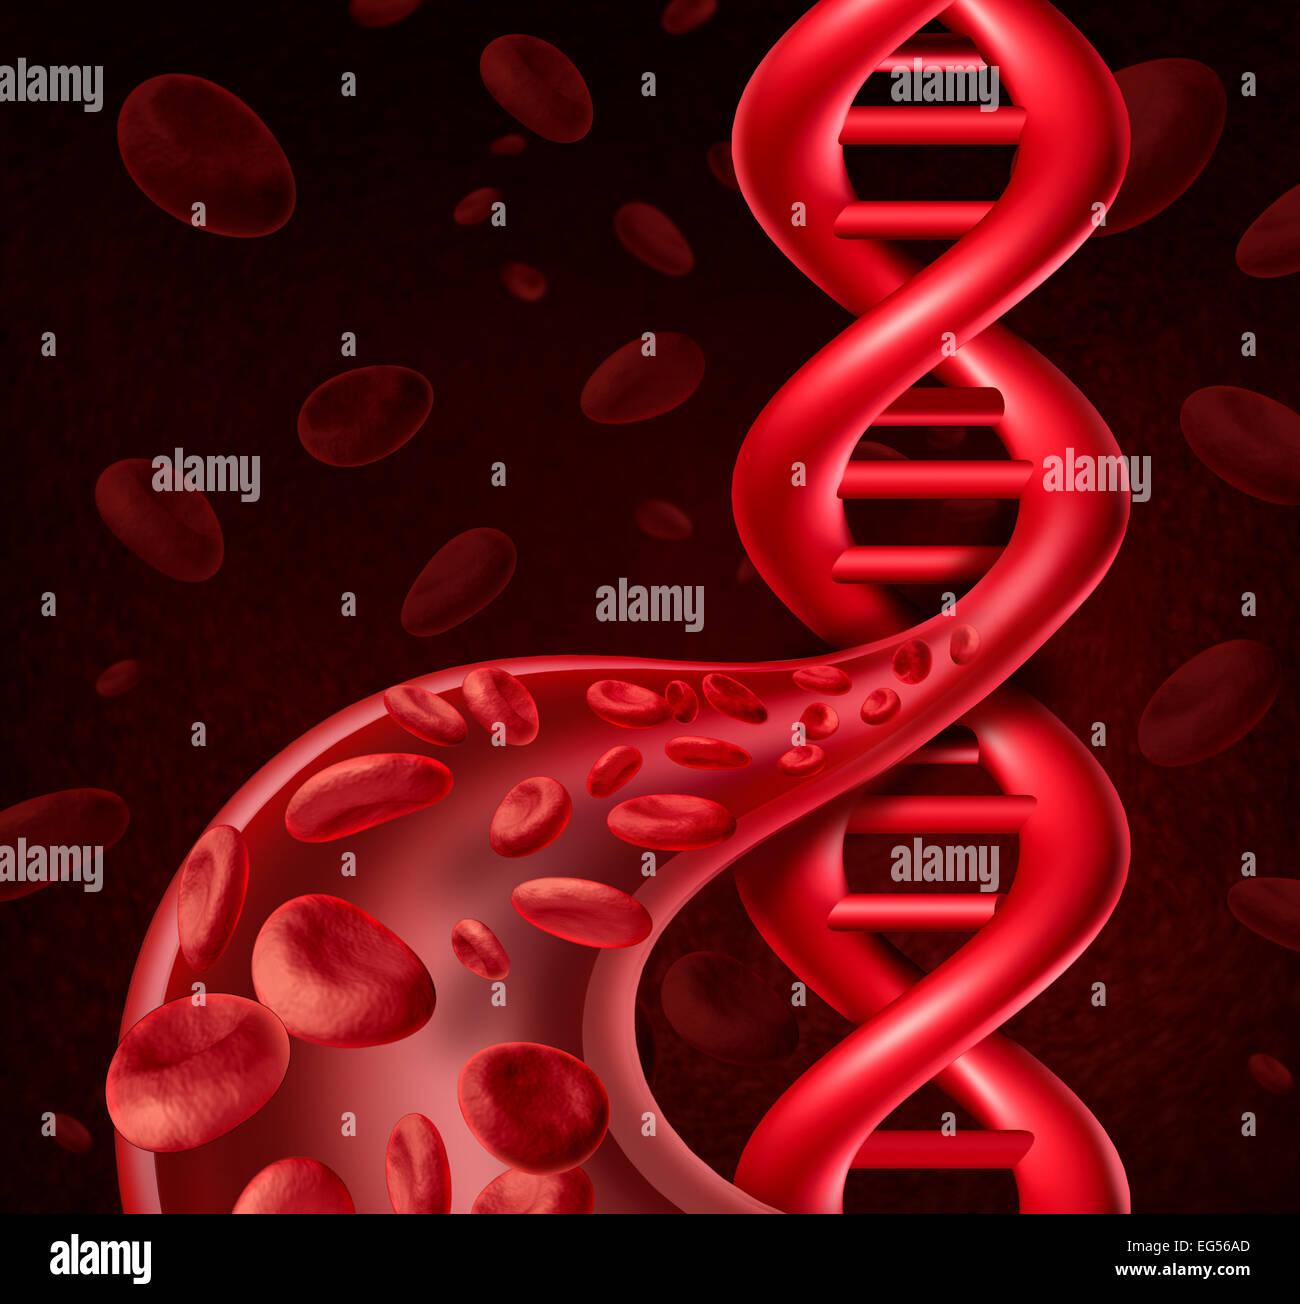 El ADN de la célula de sangre humana como concepto viens y arterias en forma de hélice doble símbolo Imagen De Stock